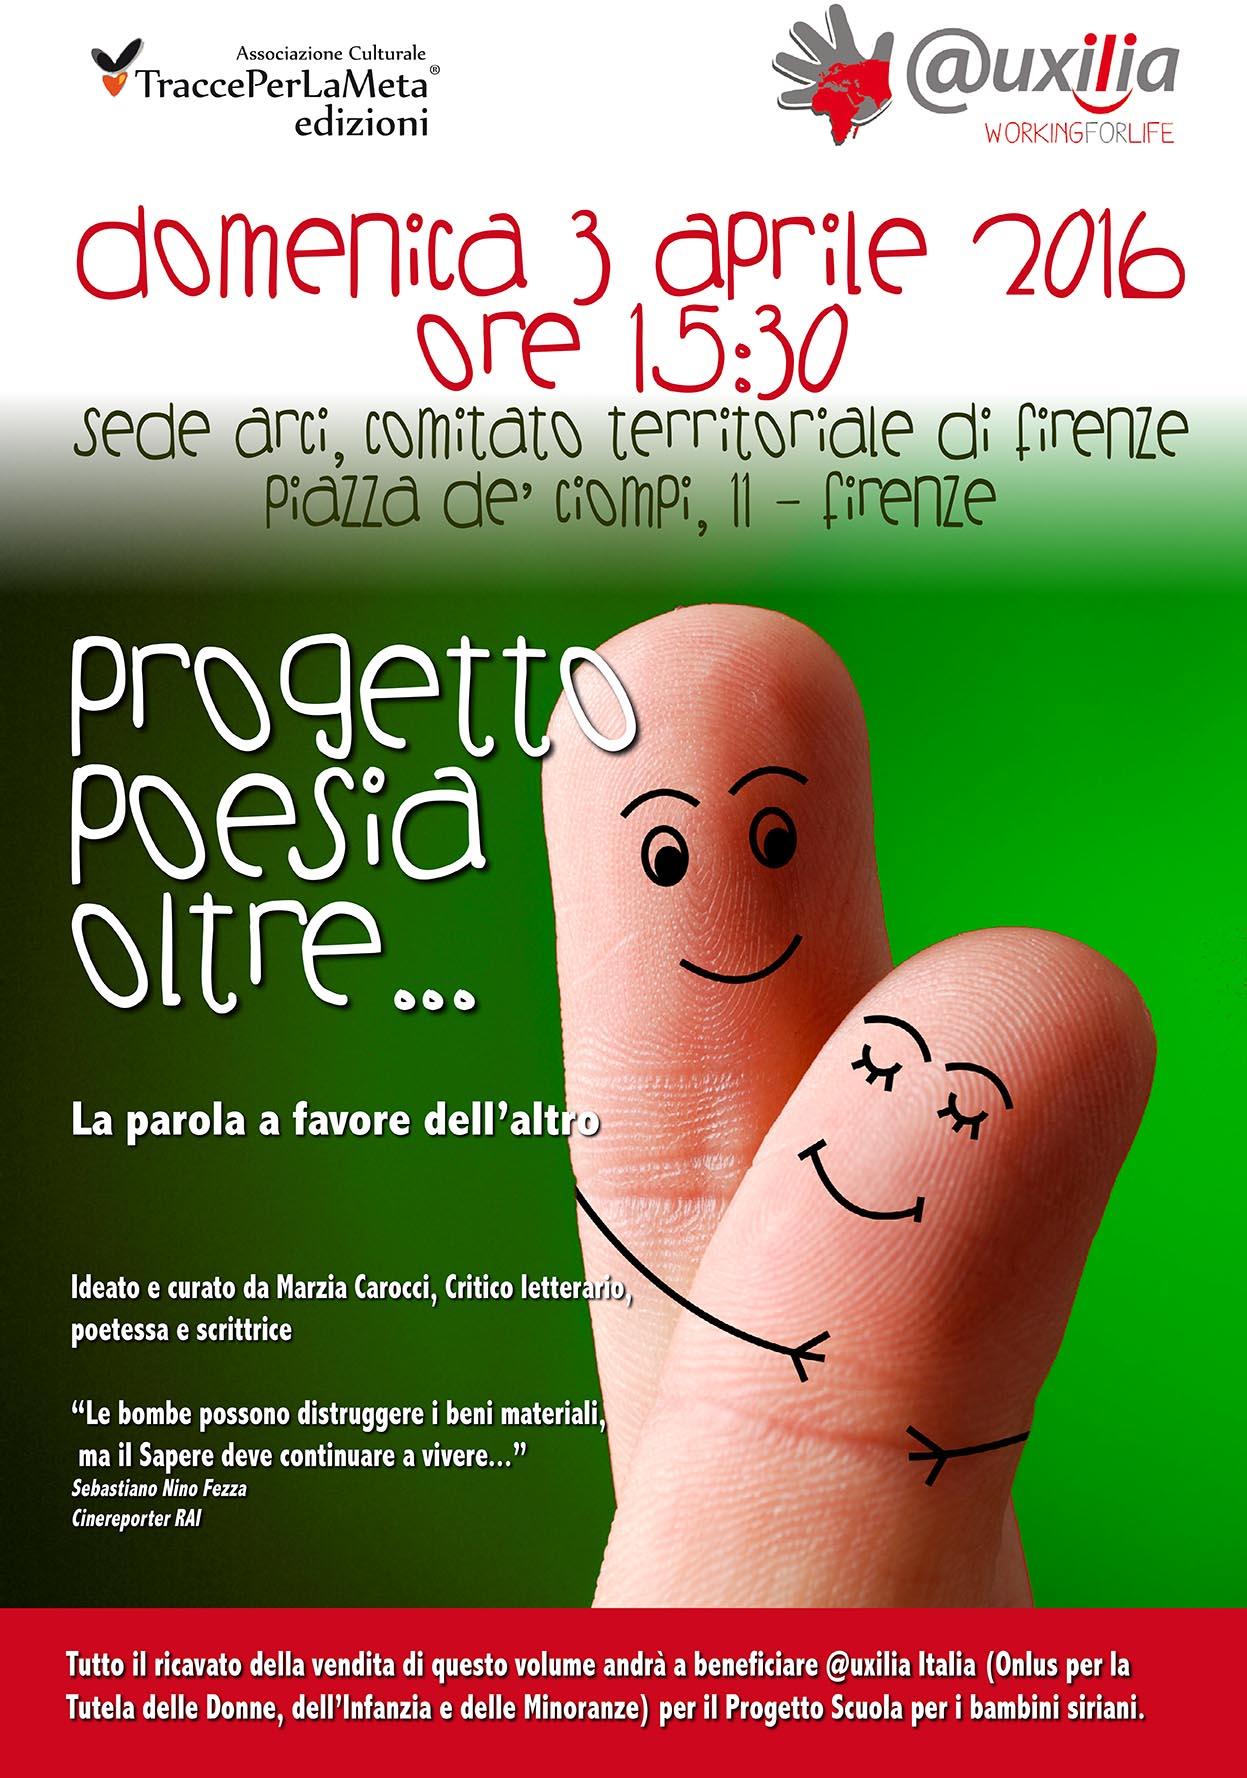 3.4.2016 – Presentazione Progetto Poesia Oltre in favore di @uxilia Italia per una scuola per bambini siriani